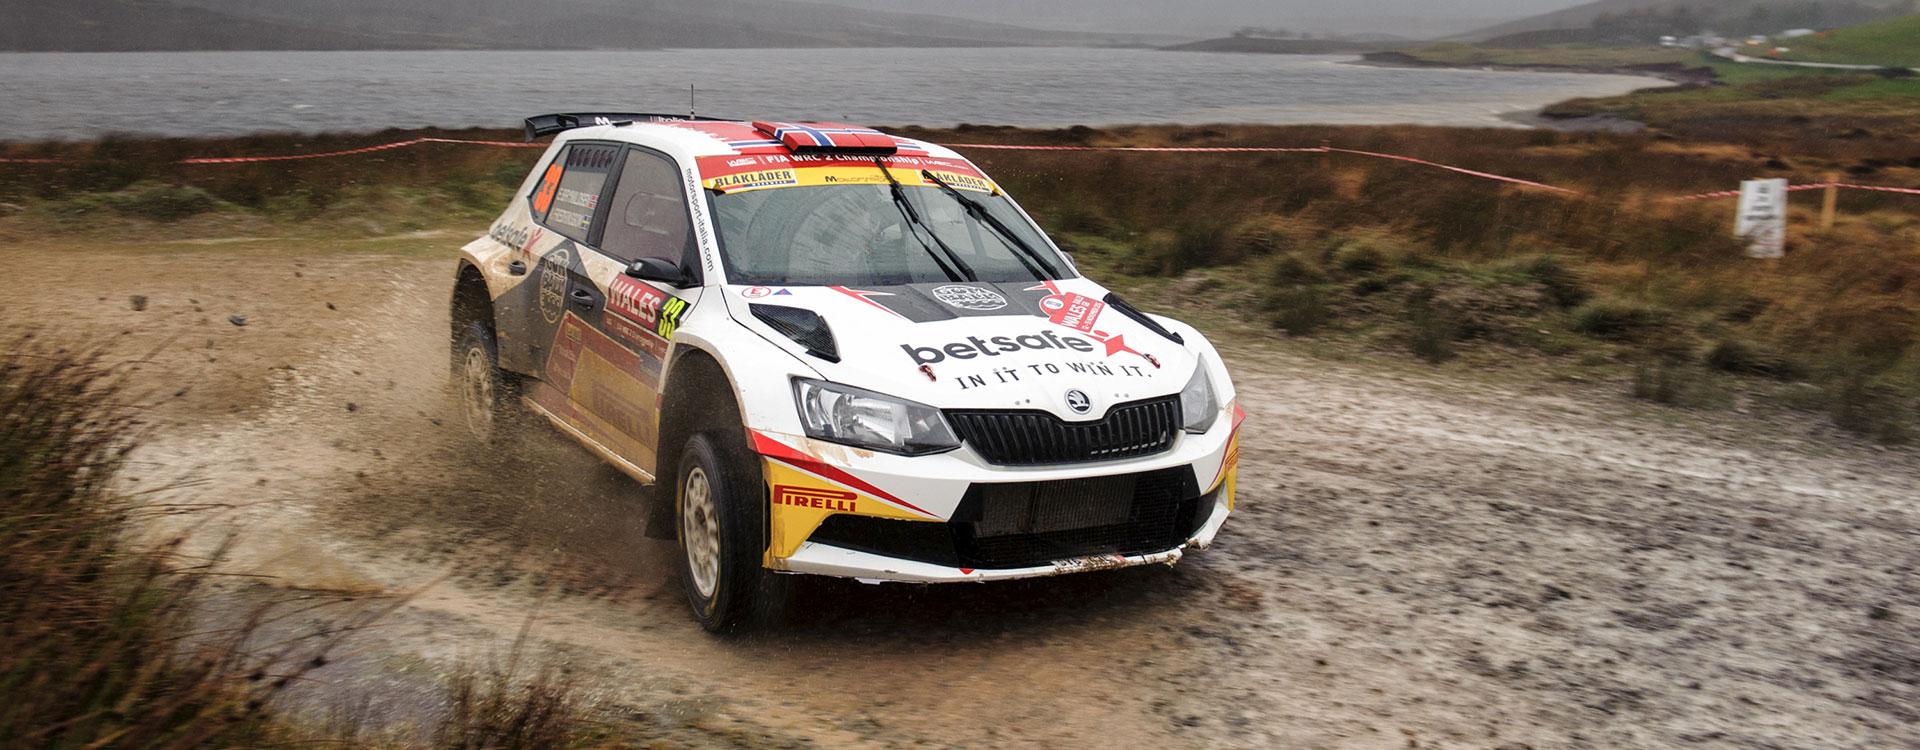 WRC Wales: Blátivá, deštivá a mlhavá klasika